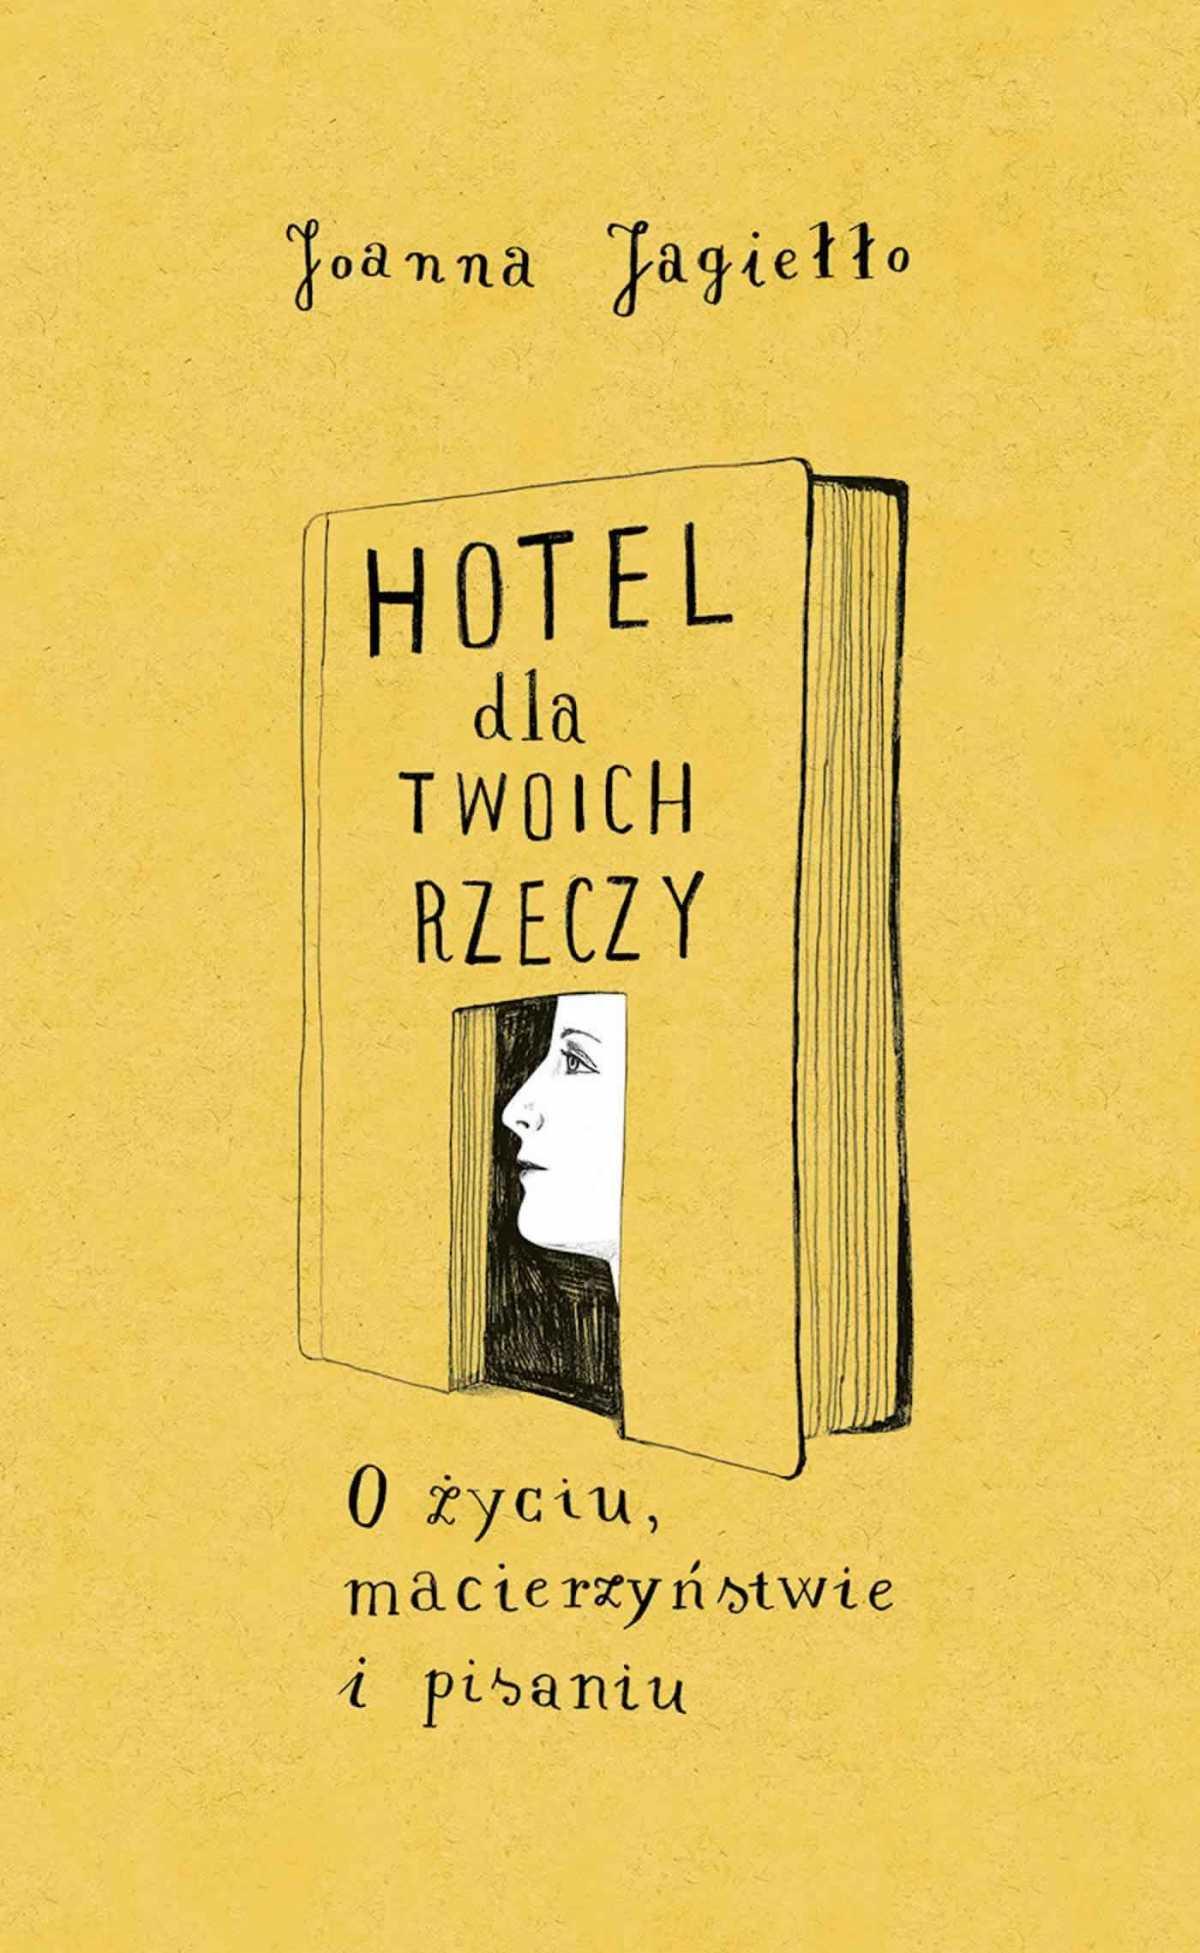 Hotel dla twoich rzeczy - Ebook (Książka EPUB) do pobrania w formacie EPUB